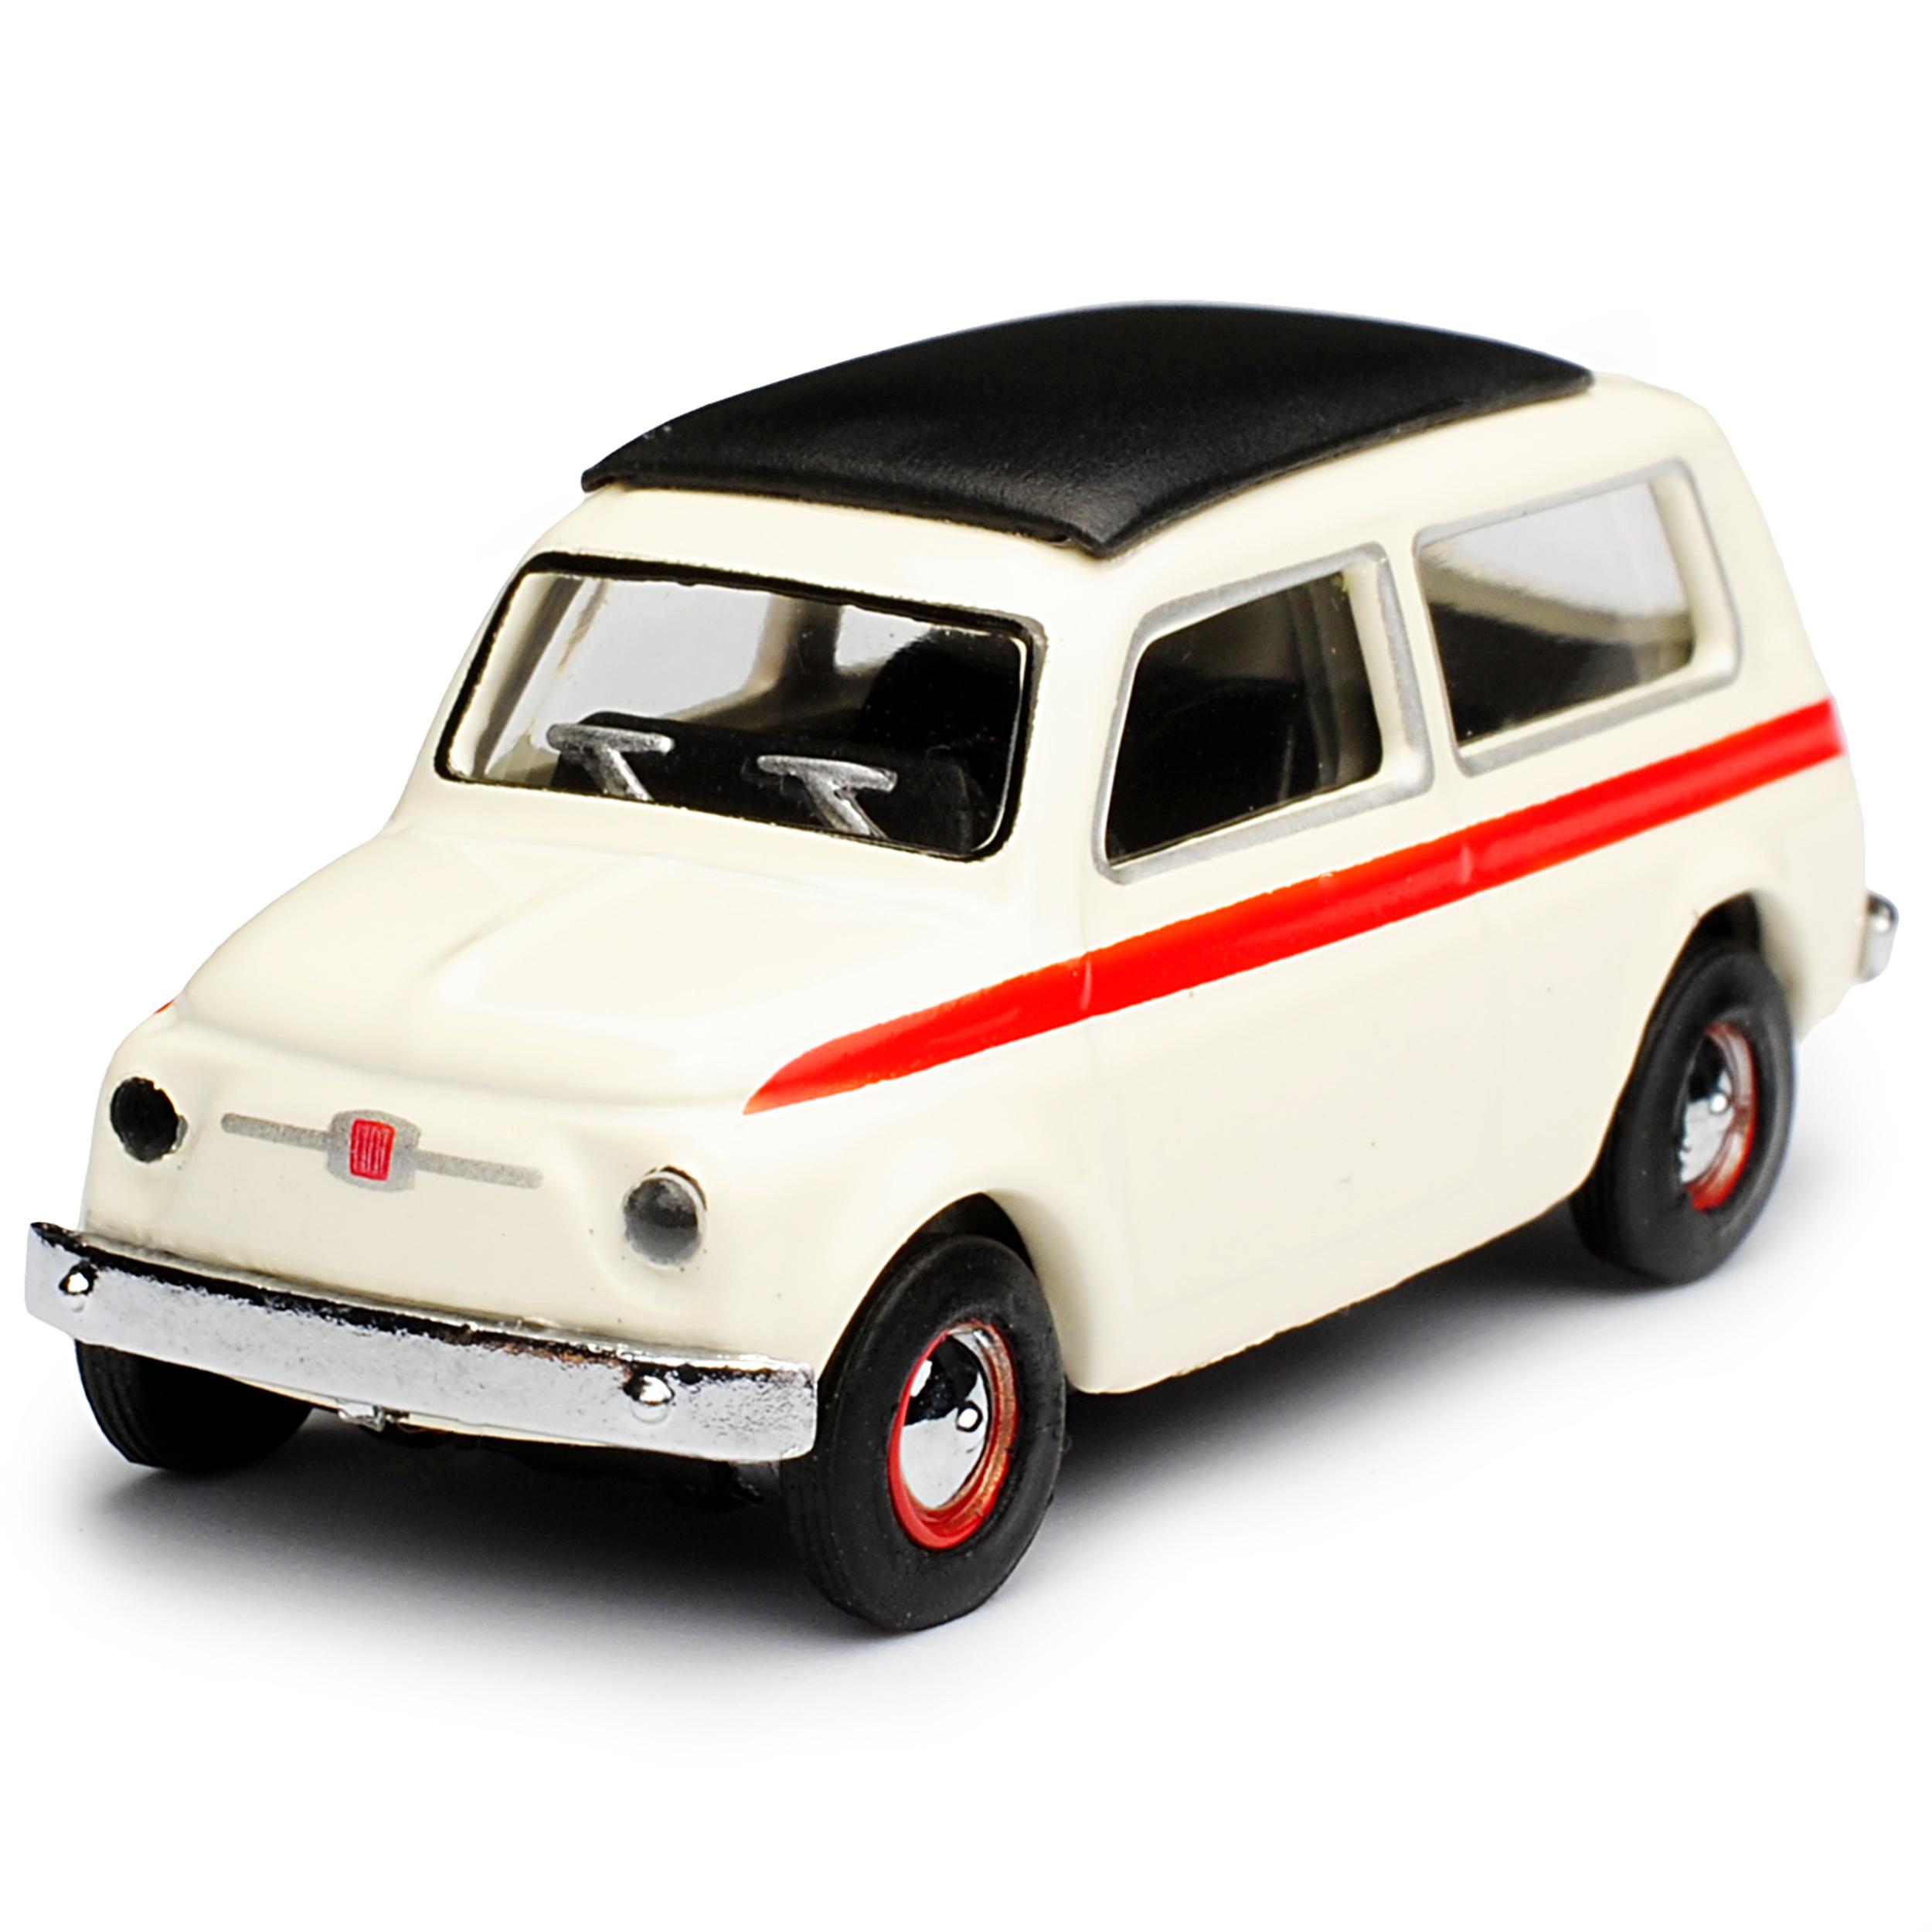 Details Zu Fiat 500 Kombi Klassik Giardiniera Weiss Ur Modell Ab 1960 H0 1 87 Schuco Mode